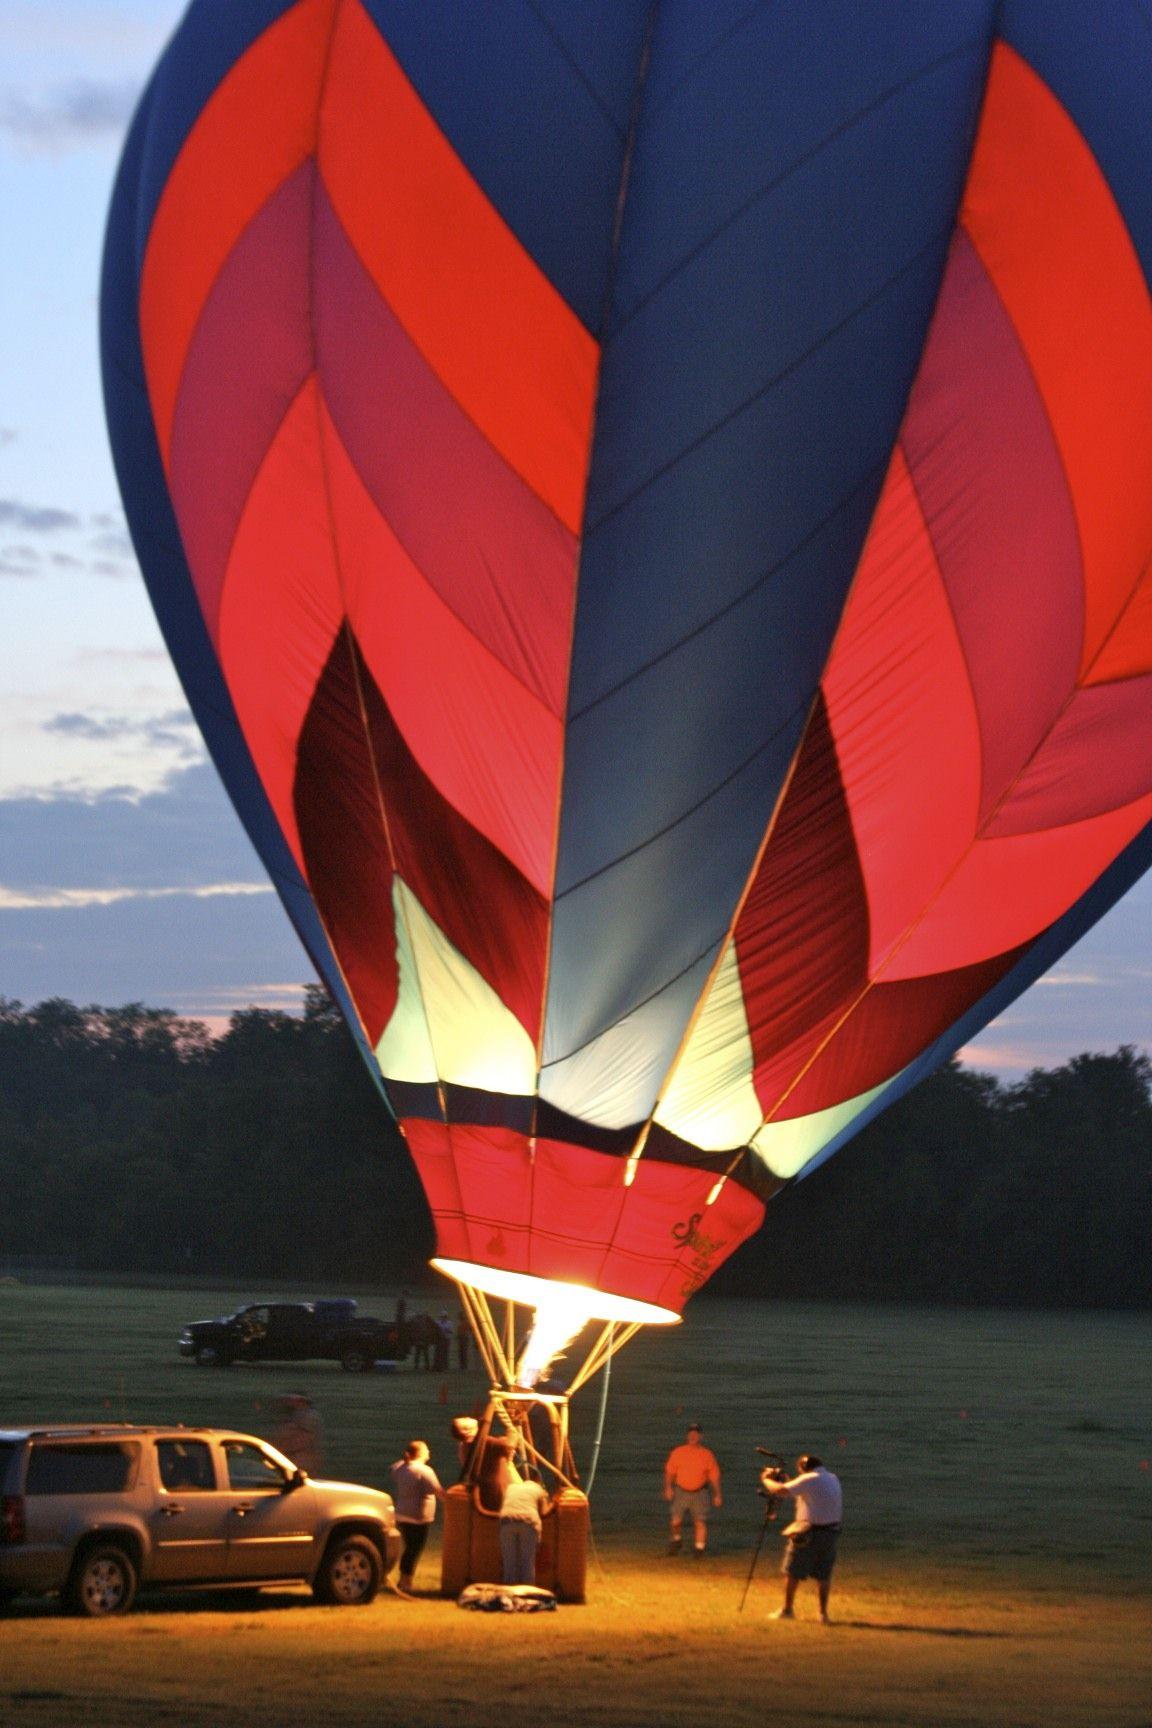 .Ballon Festivals in Texas Ballon festival, World